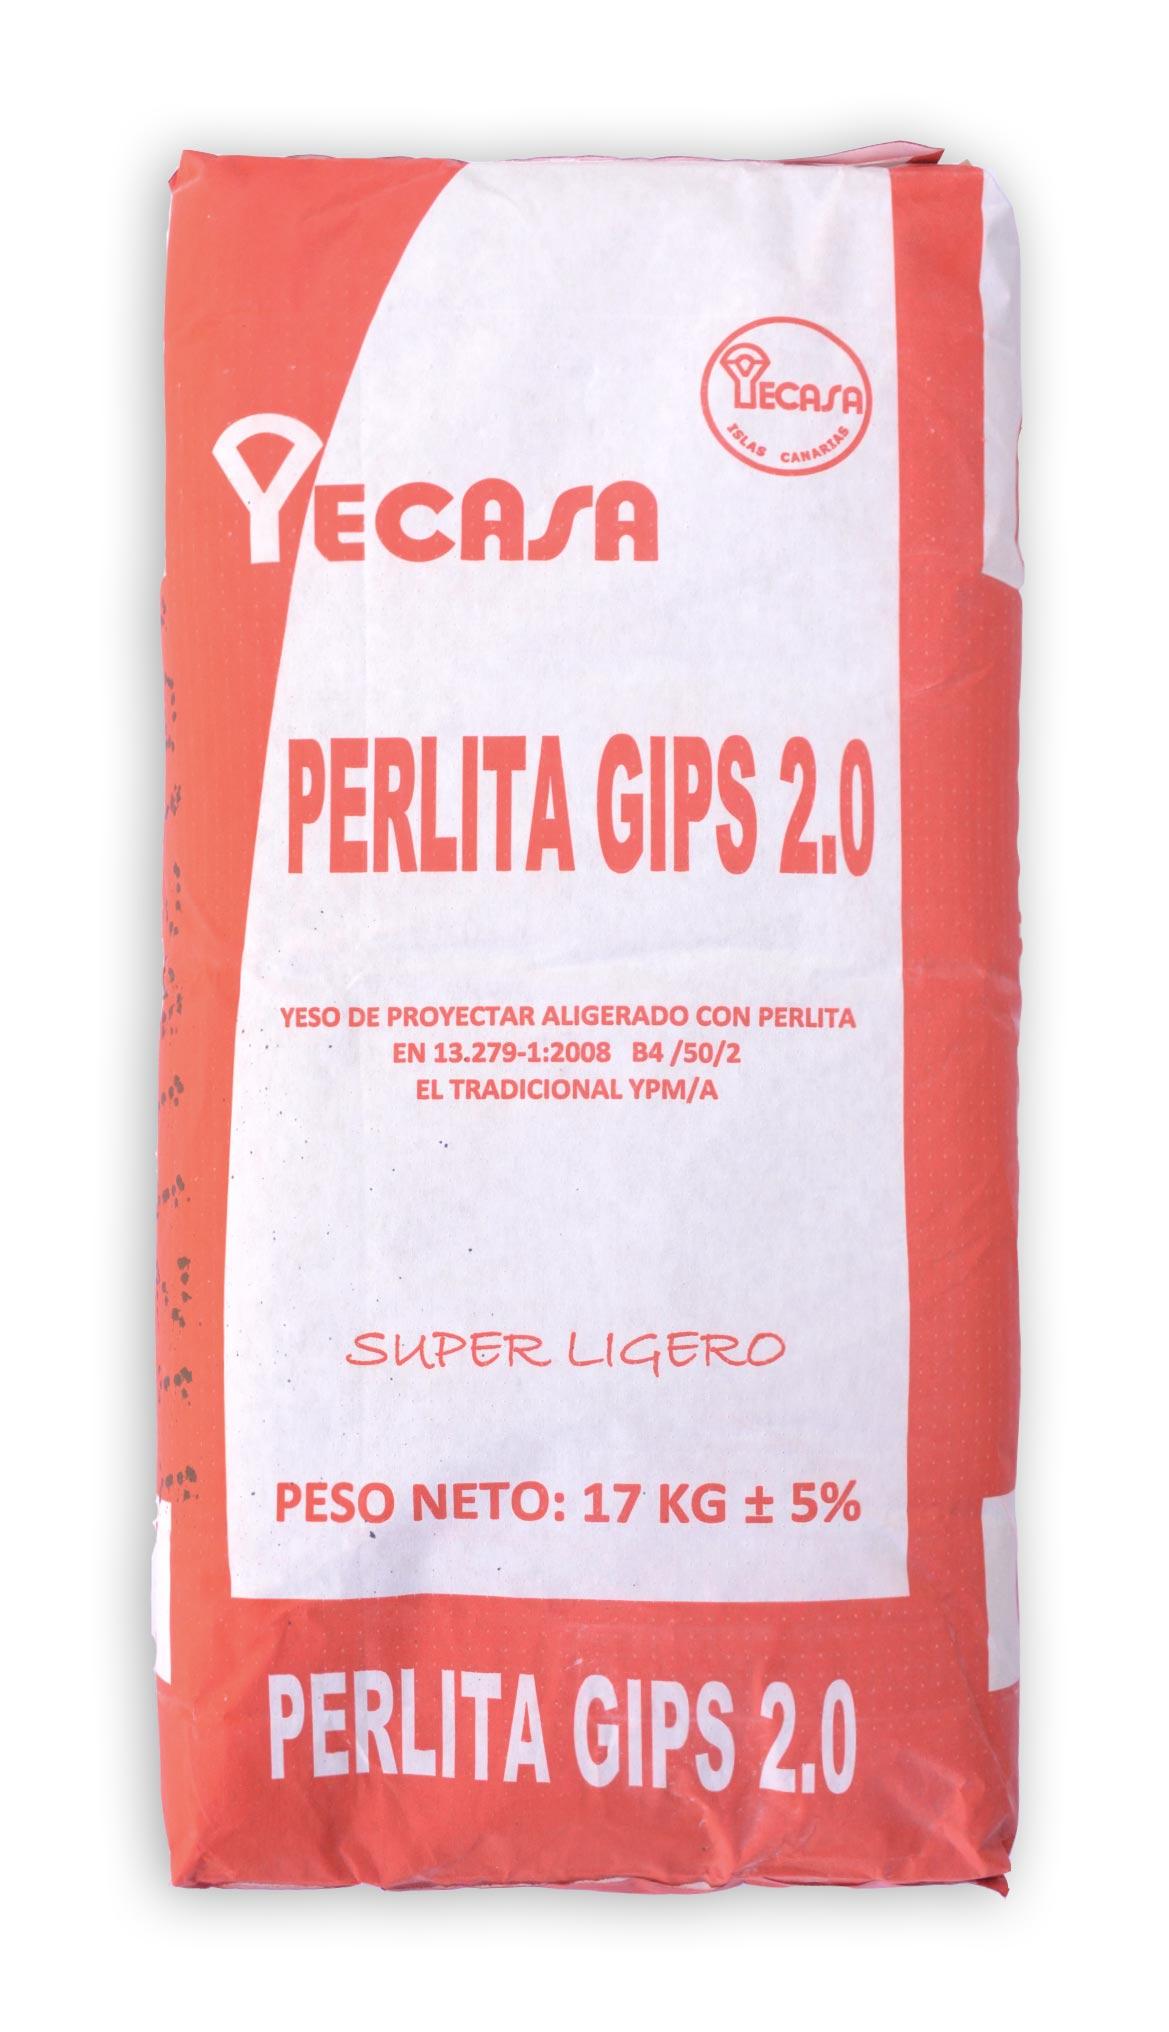 Perlita Gips 2.0